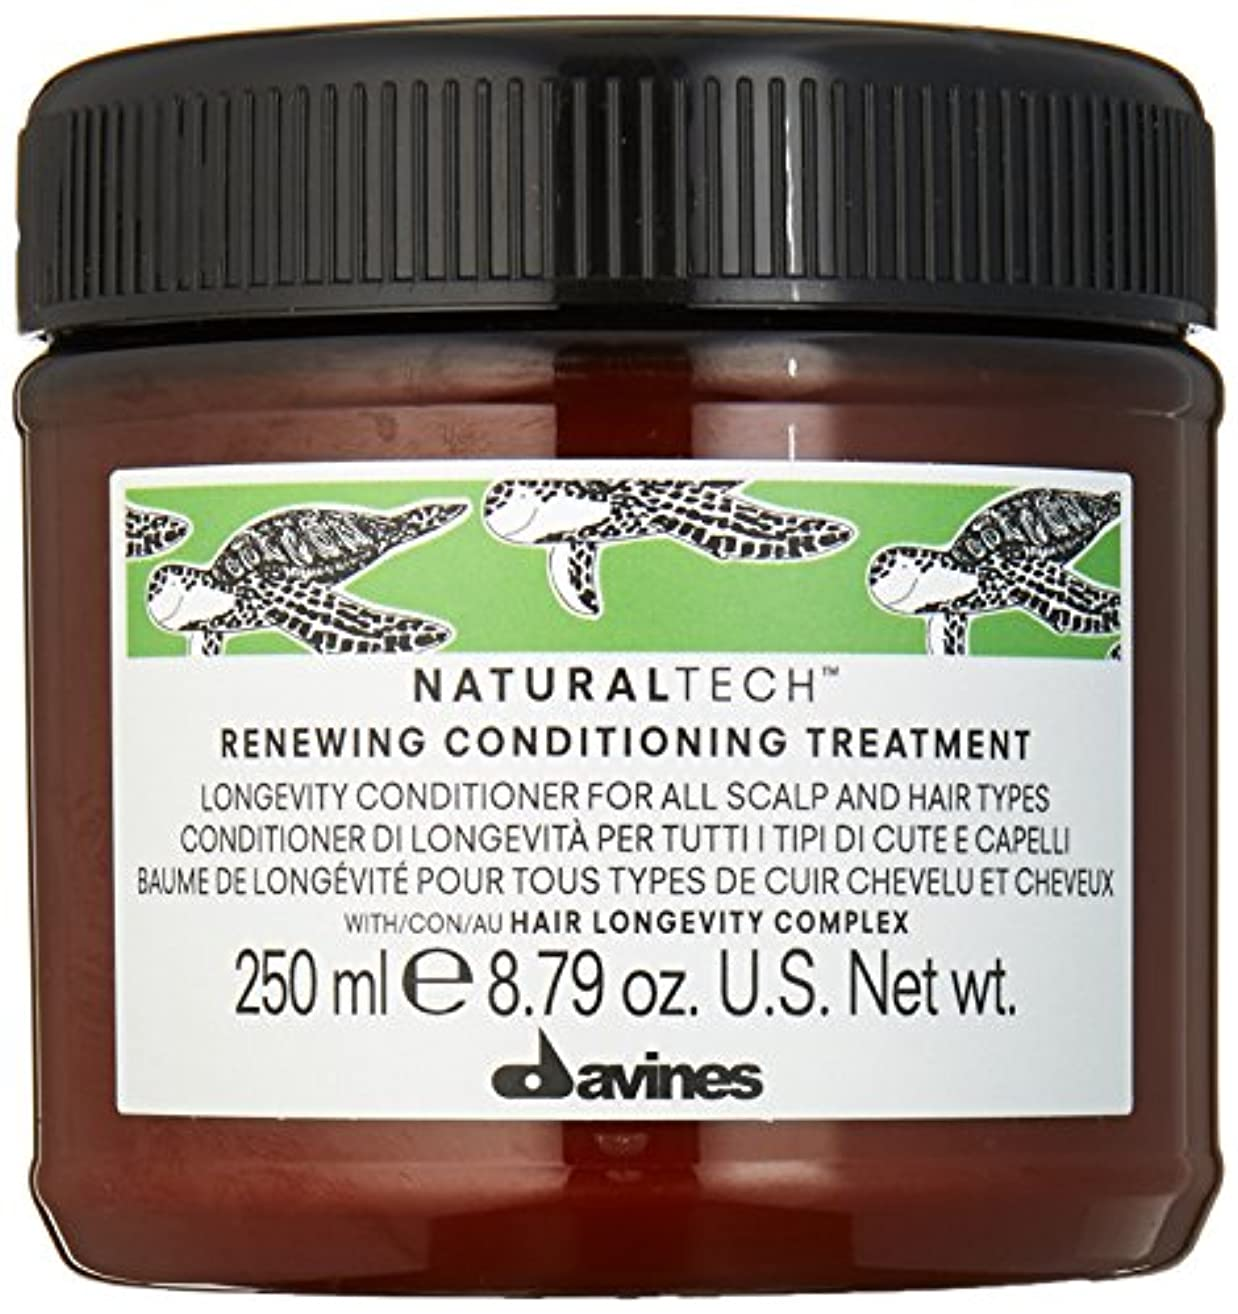 リア王辛なつかの間ダヴィネス Natural Tech Renewing Conditioning Treatment (For All Scalp and Hair Types) 250ml/8.79oz並行輸入品